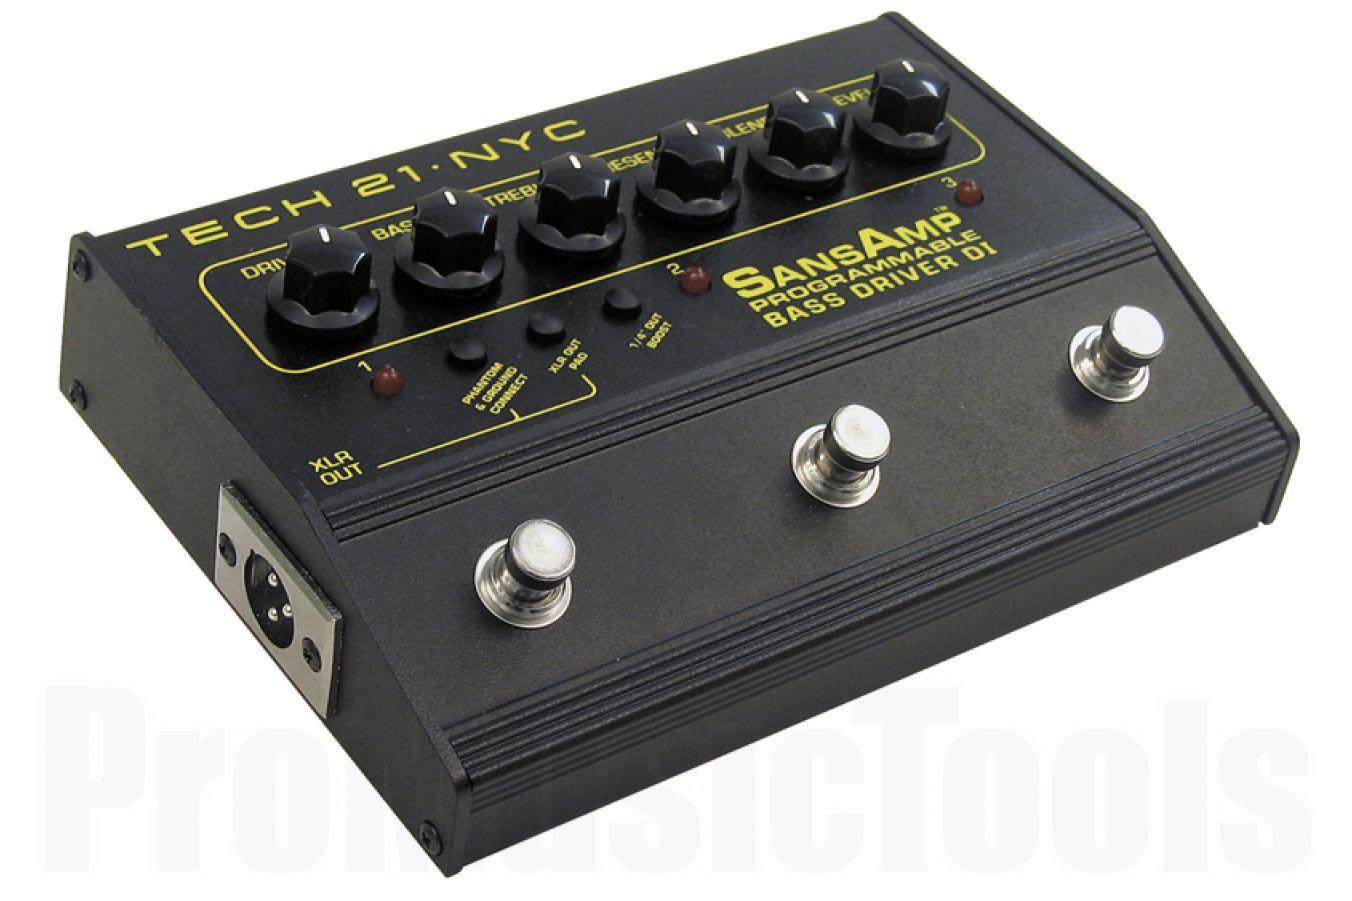 Tech 21 USA SansAmp Bass Driver D.I. Programmable